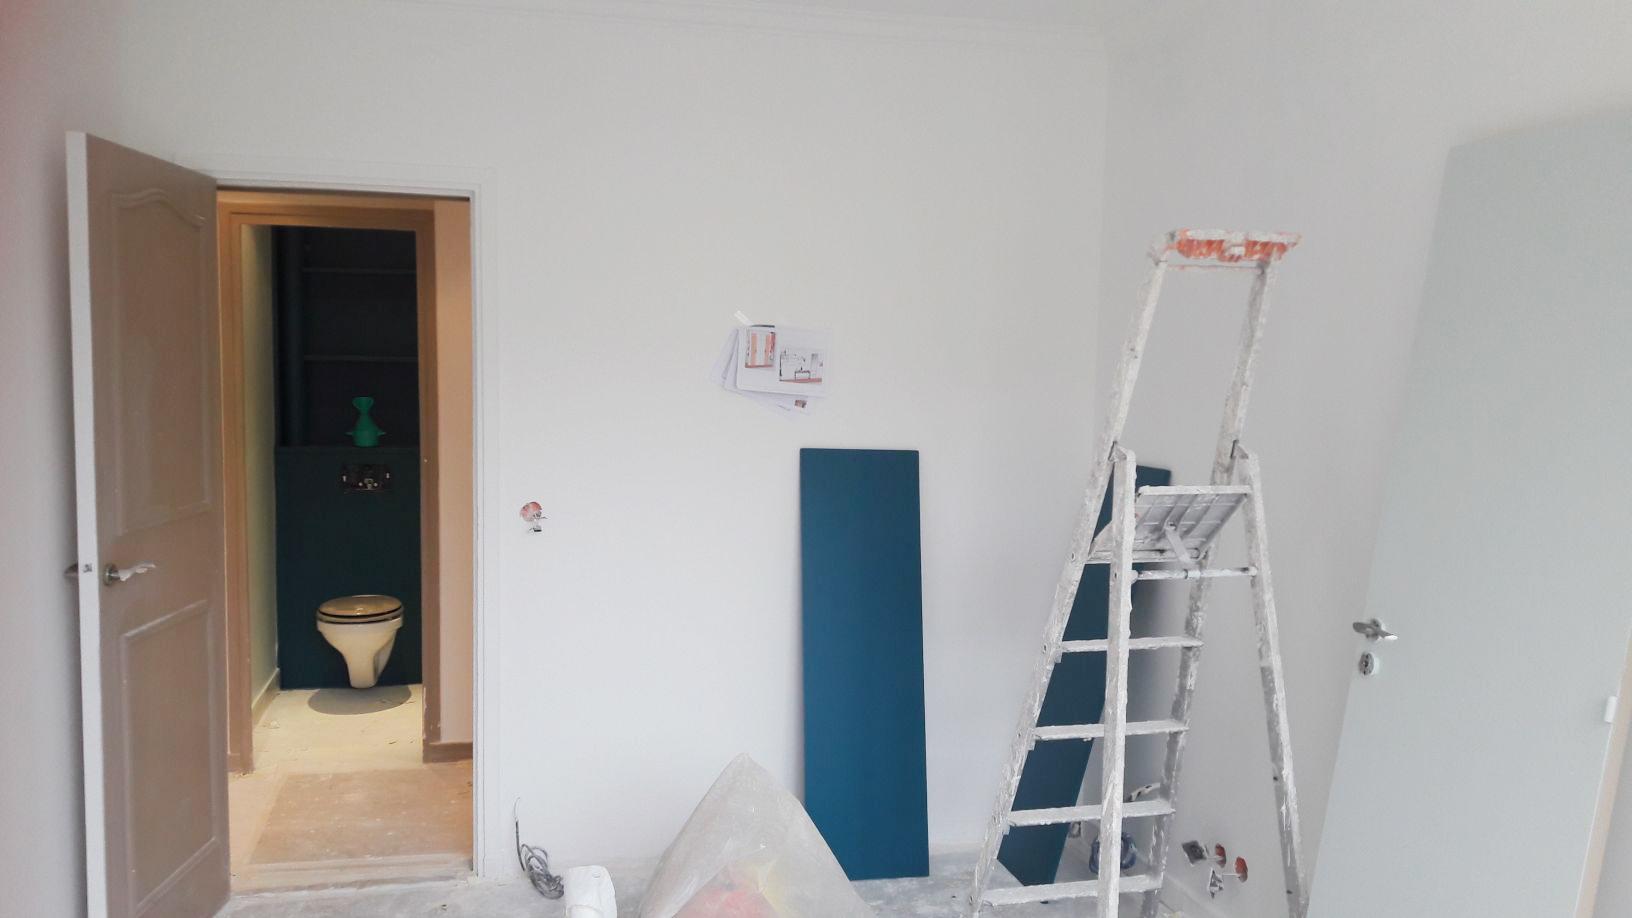 Travaux dans la future chambre terracotta - Studio Chichichic